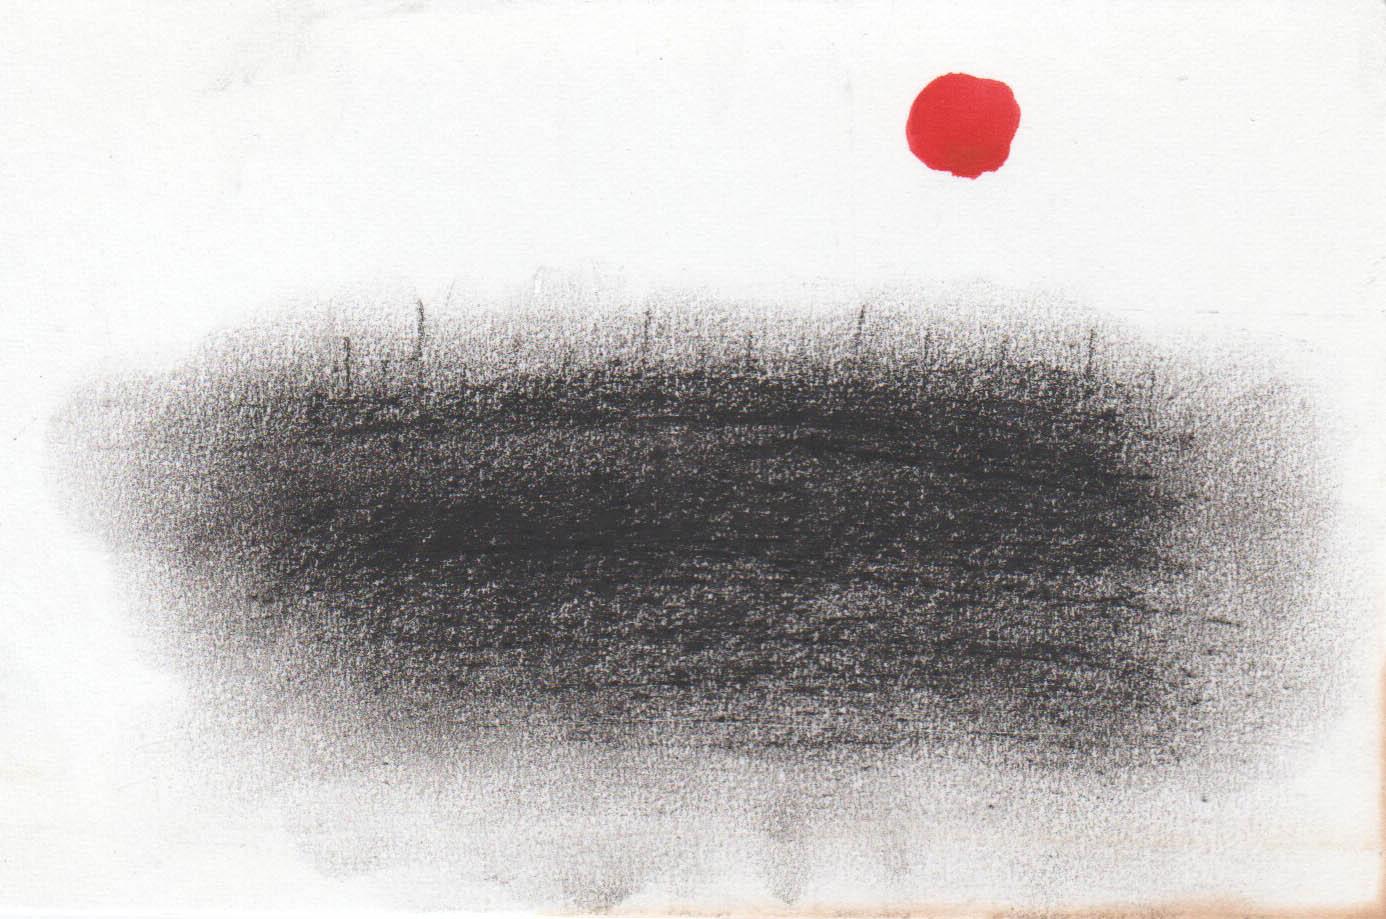 Dessins charbon et peinture sur papier par Jeong Hee